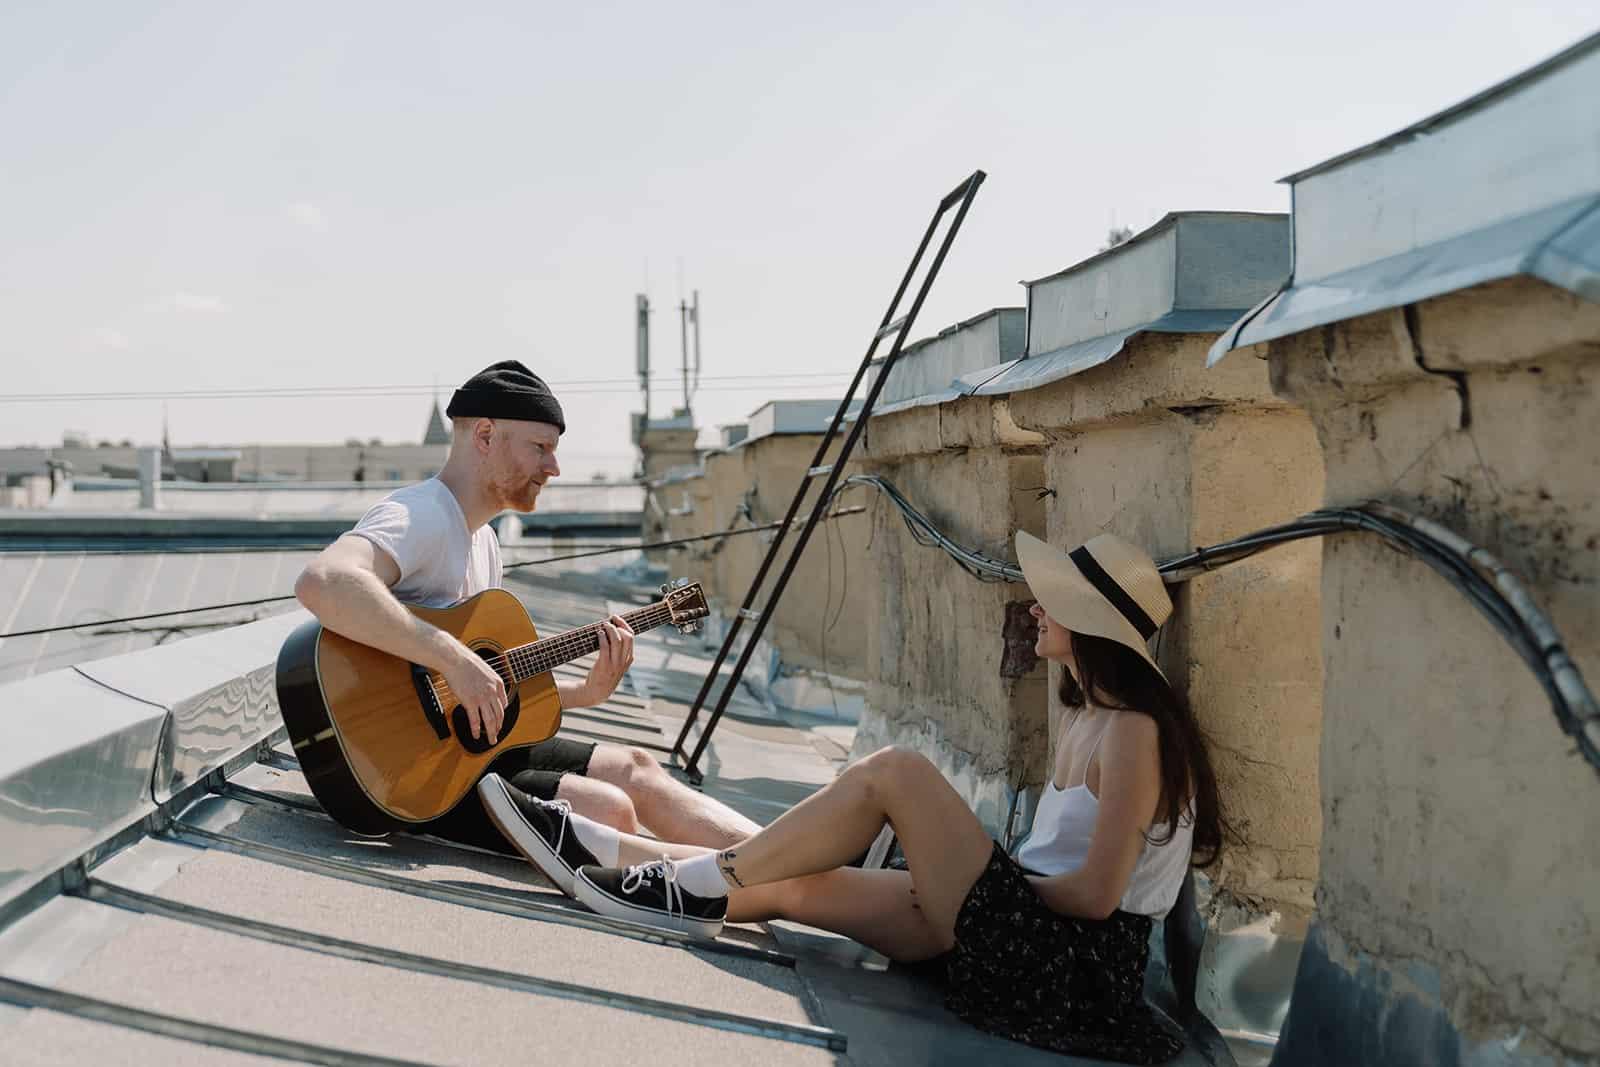 Mann spielt Gitarre für eine Frau auf einem Dach